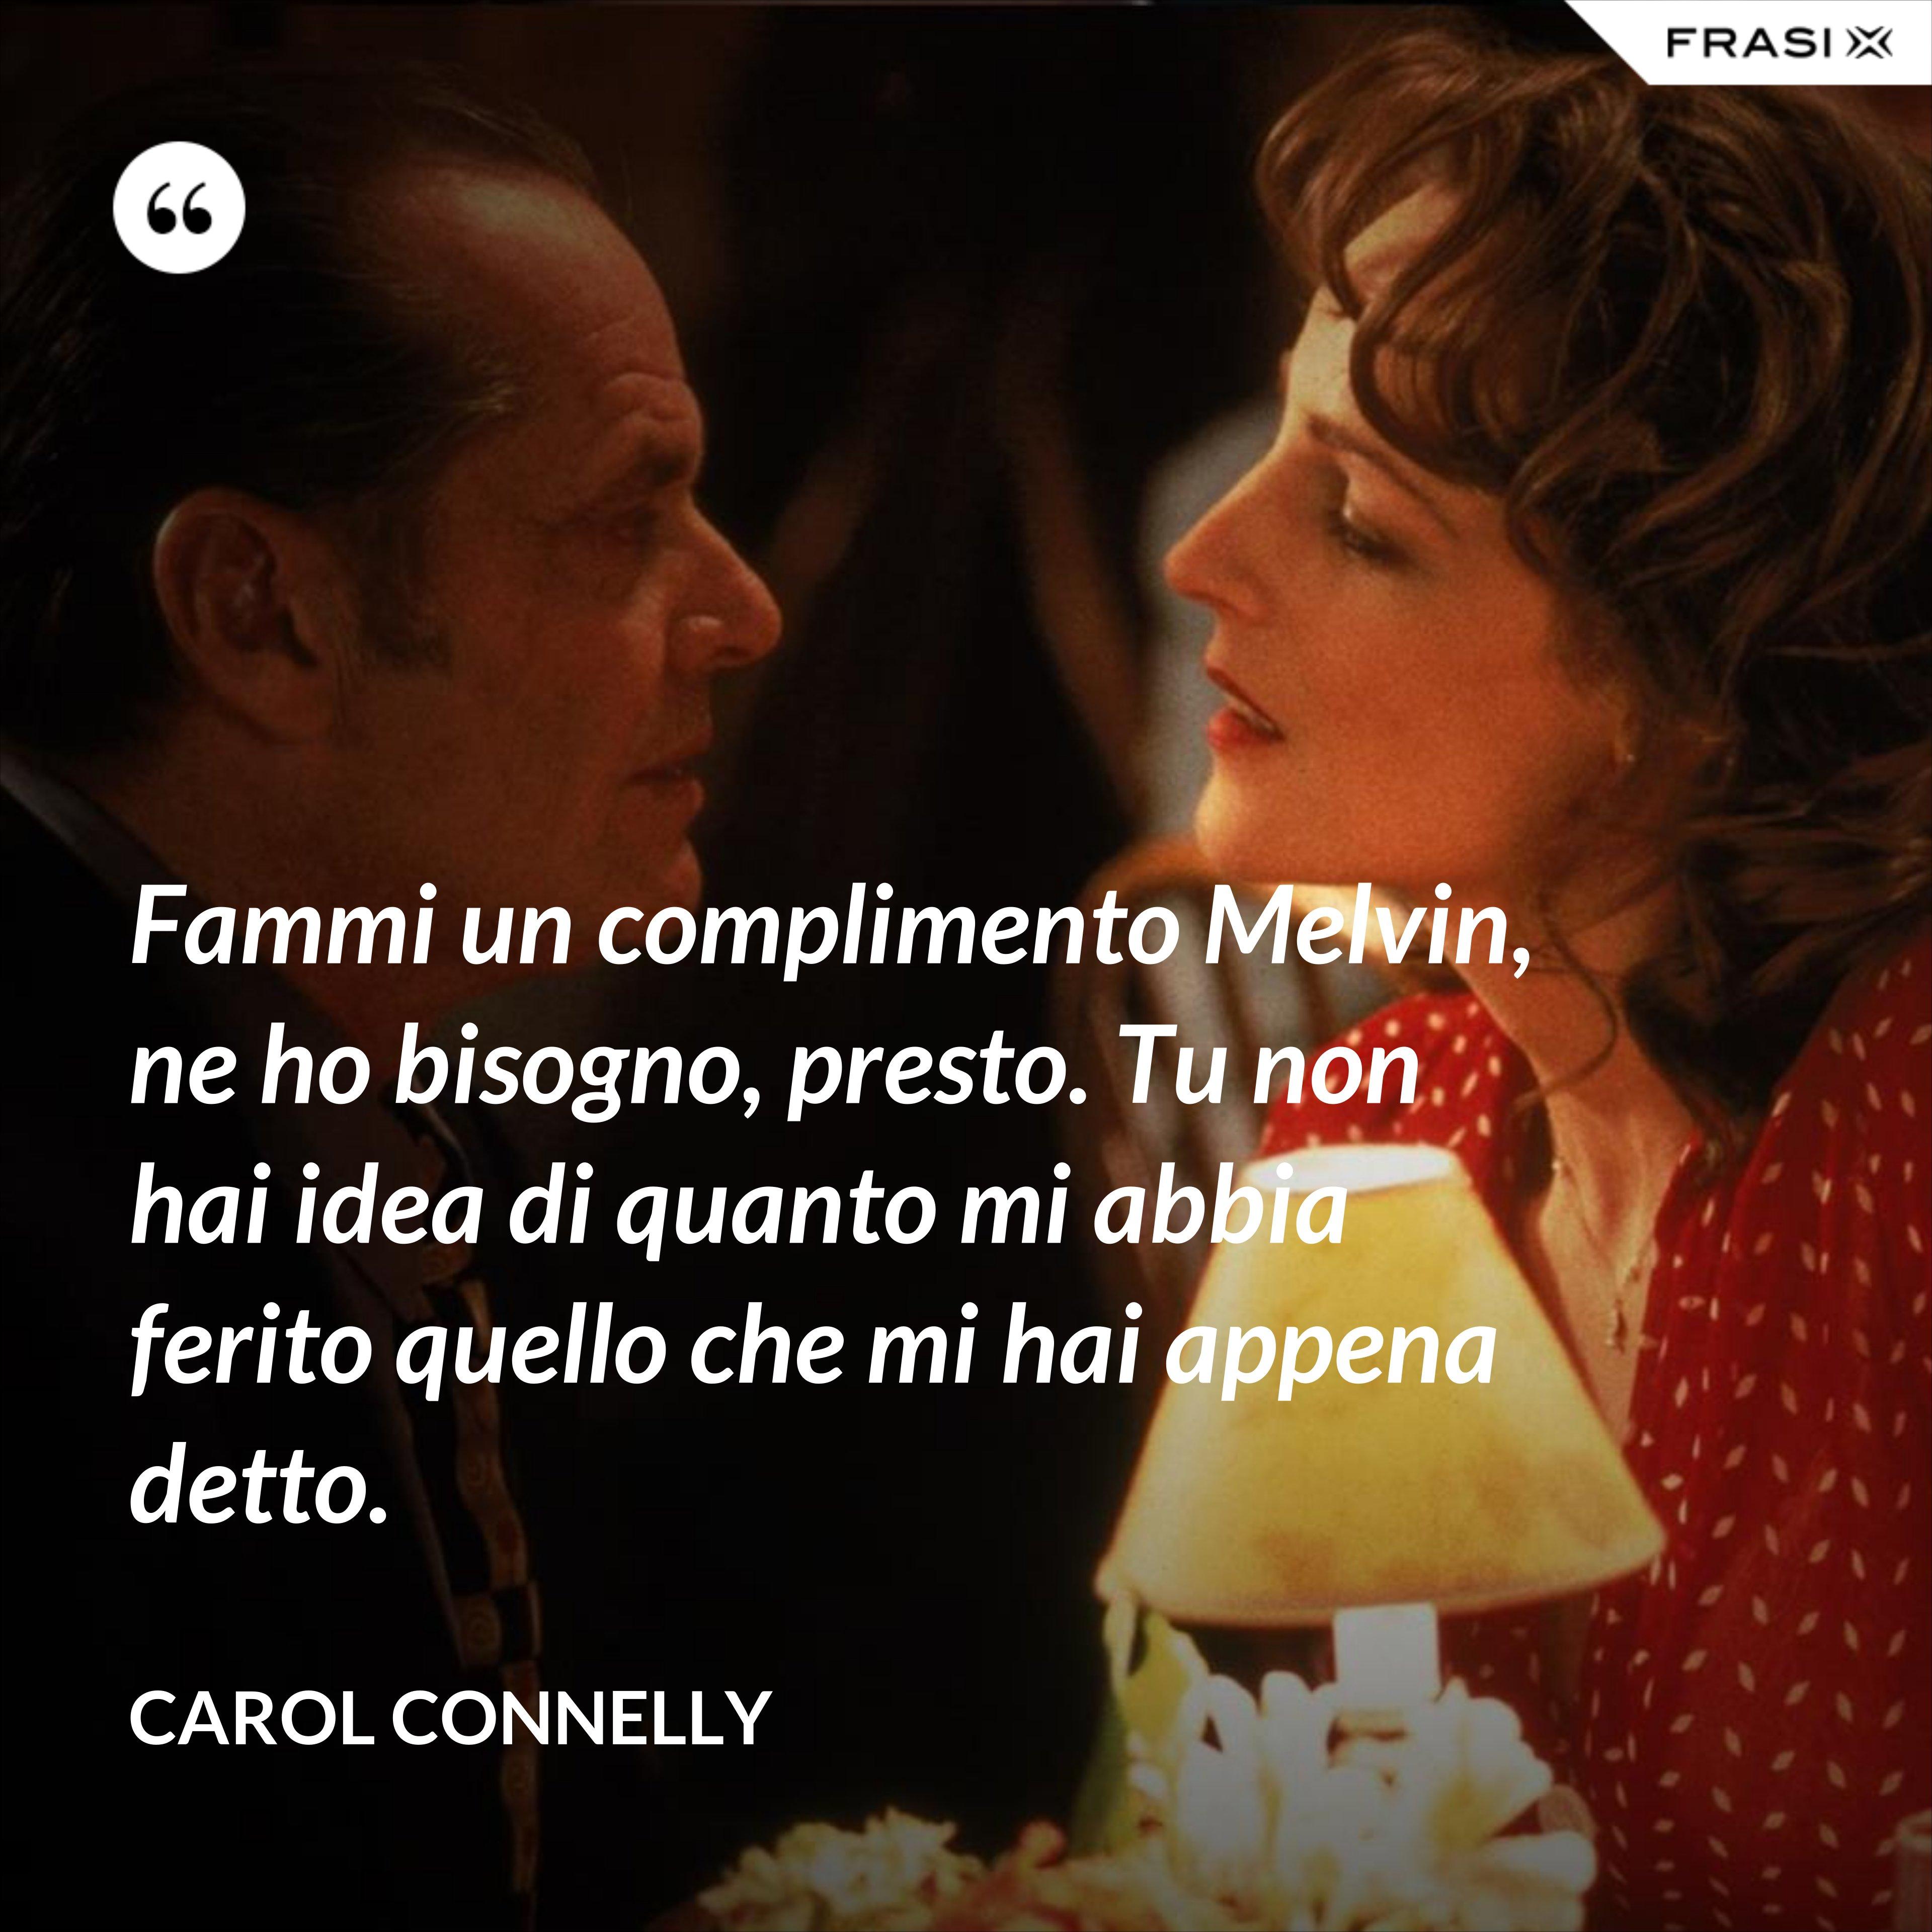 Fammi un complimento Melvin, ne ho bisogno, presto. Tu non hai idea di quanto mi abbia ferito quello che mi hai appena detto. - Carol Connelly